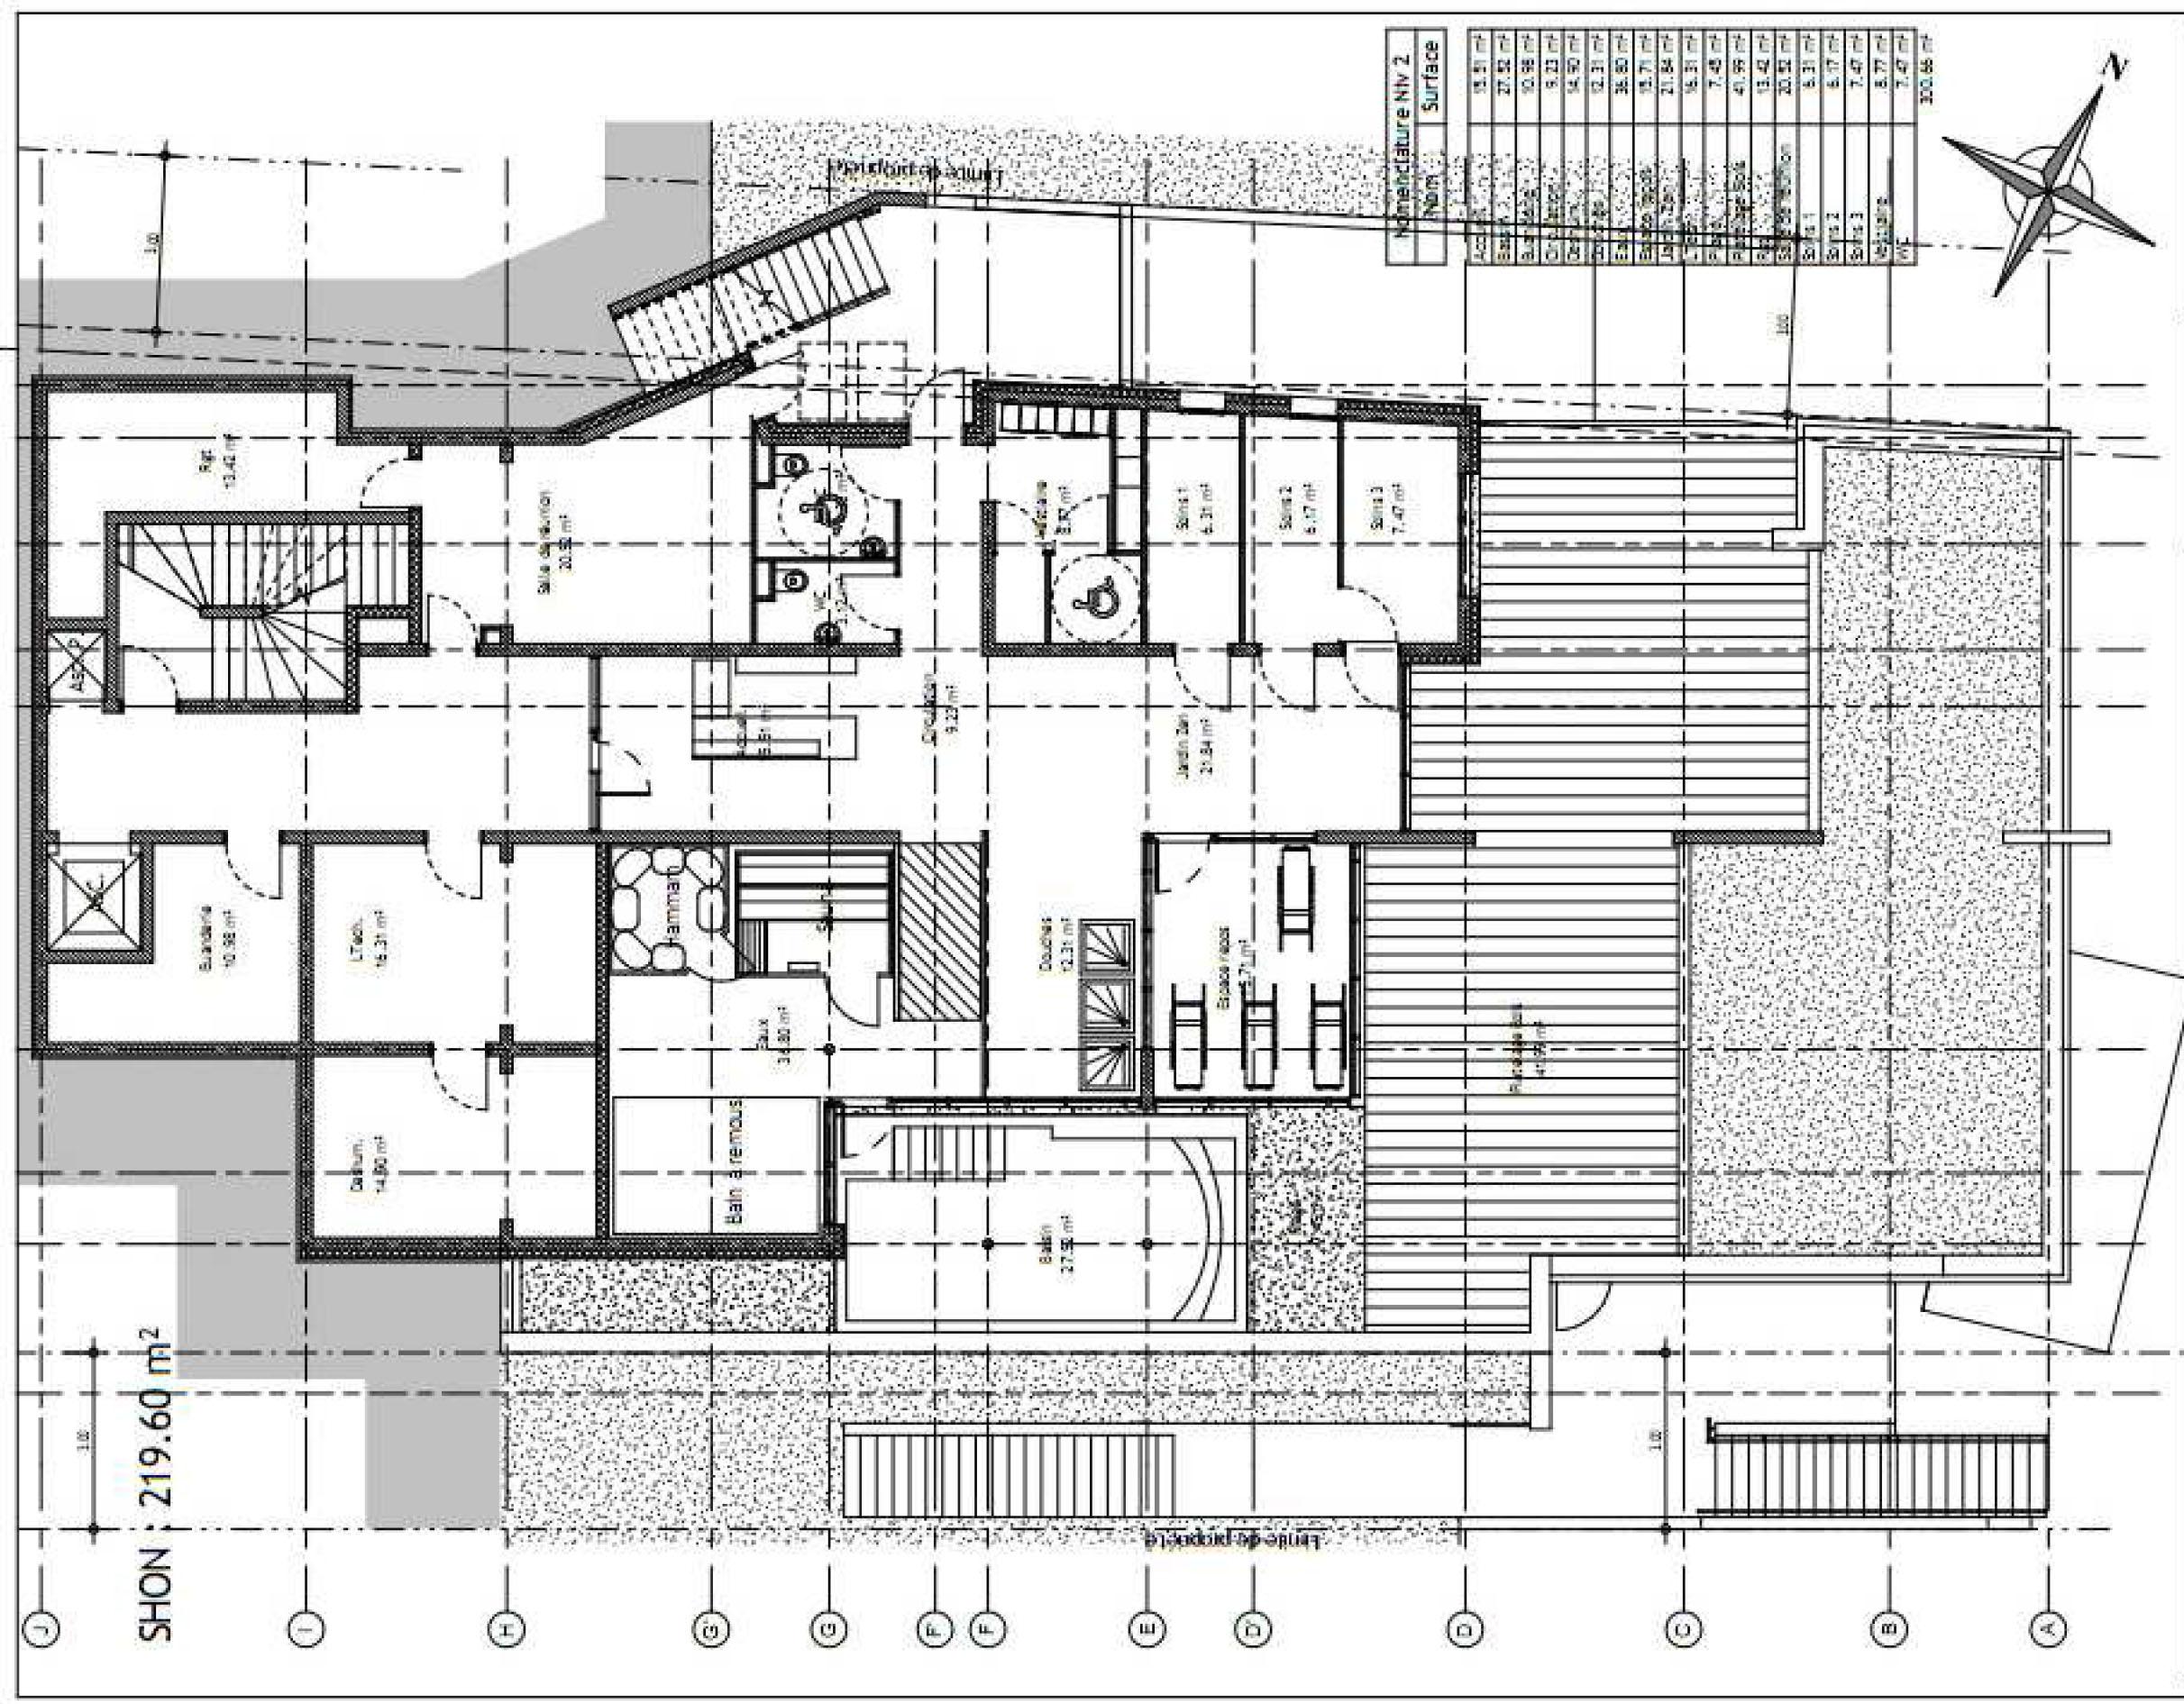 3 exemples de plan d u0026 39 un hotel 3  u00e9toiles